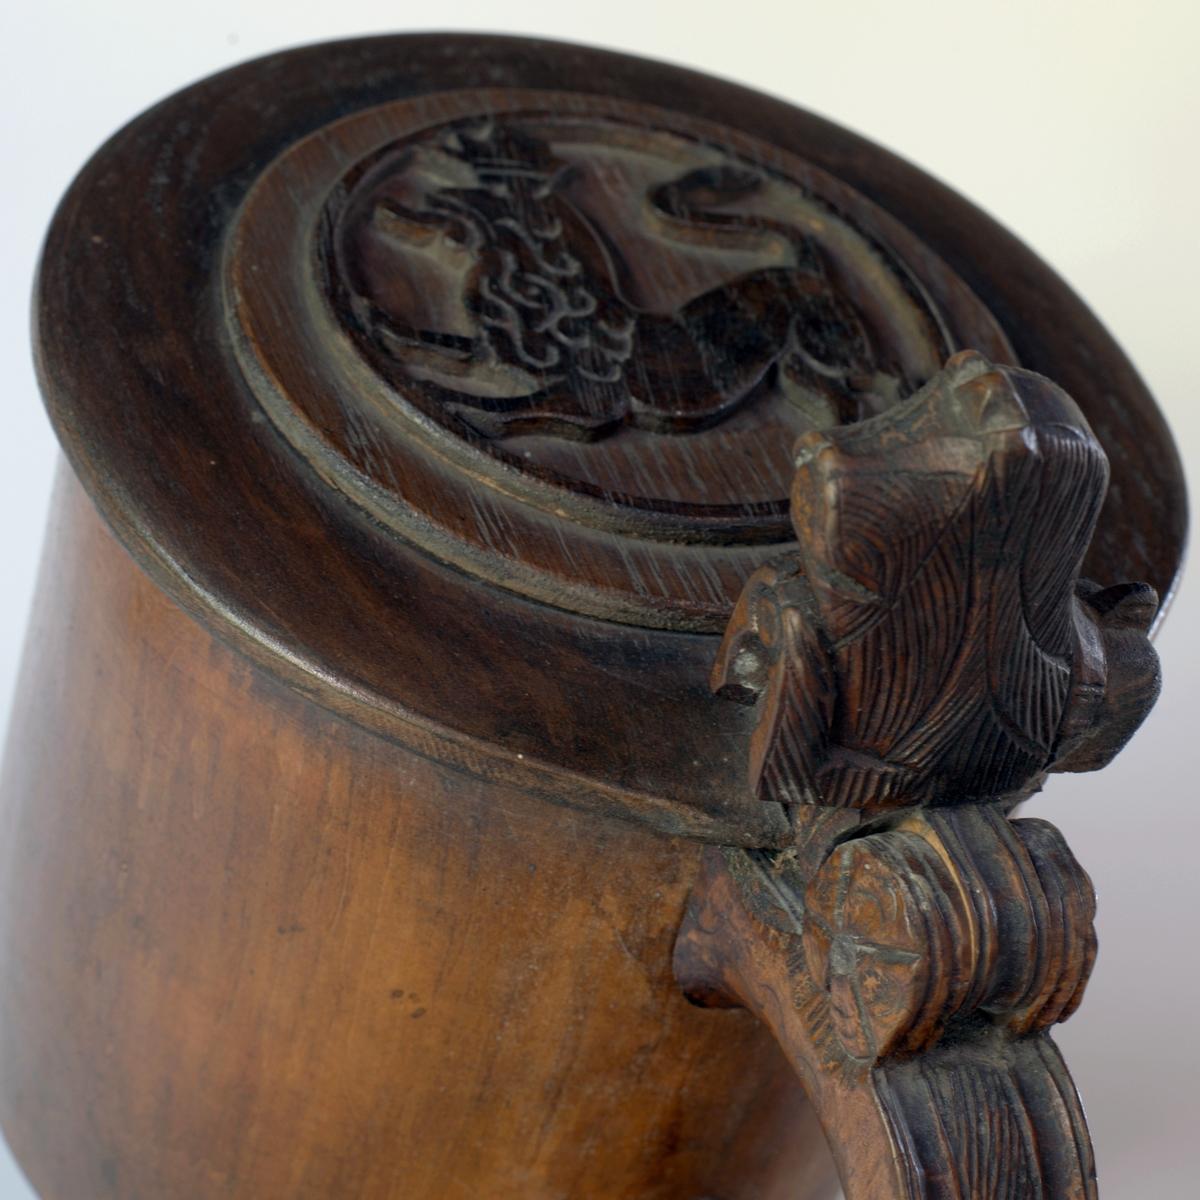 Lokk-knapp i form av løvehode